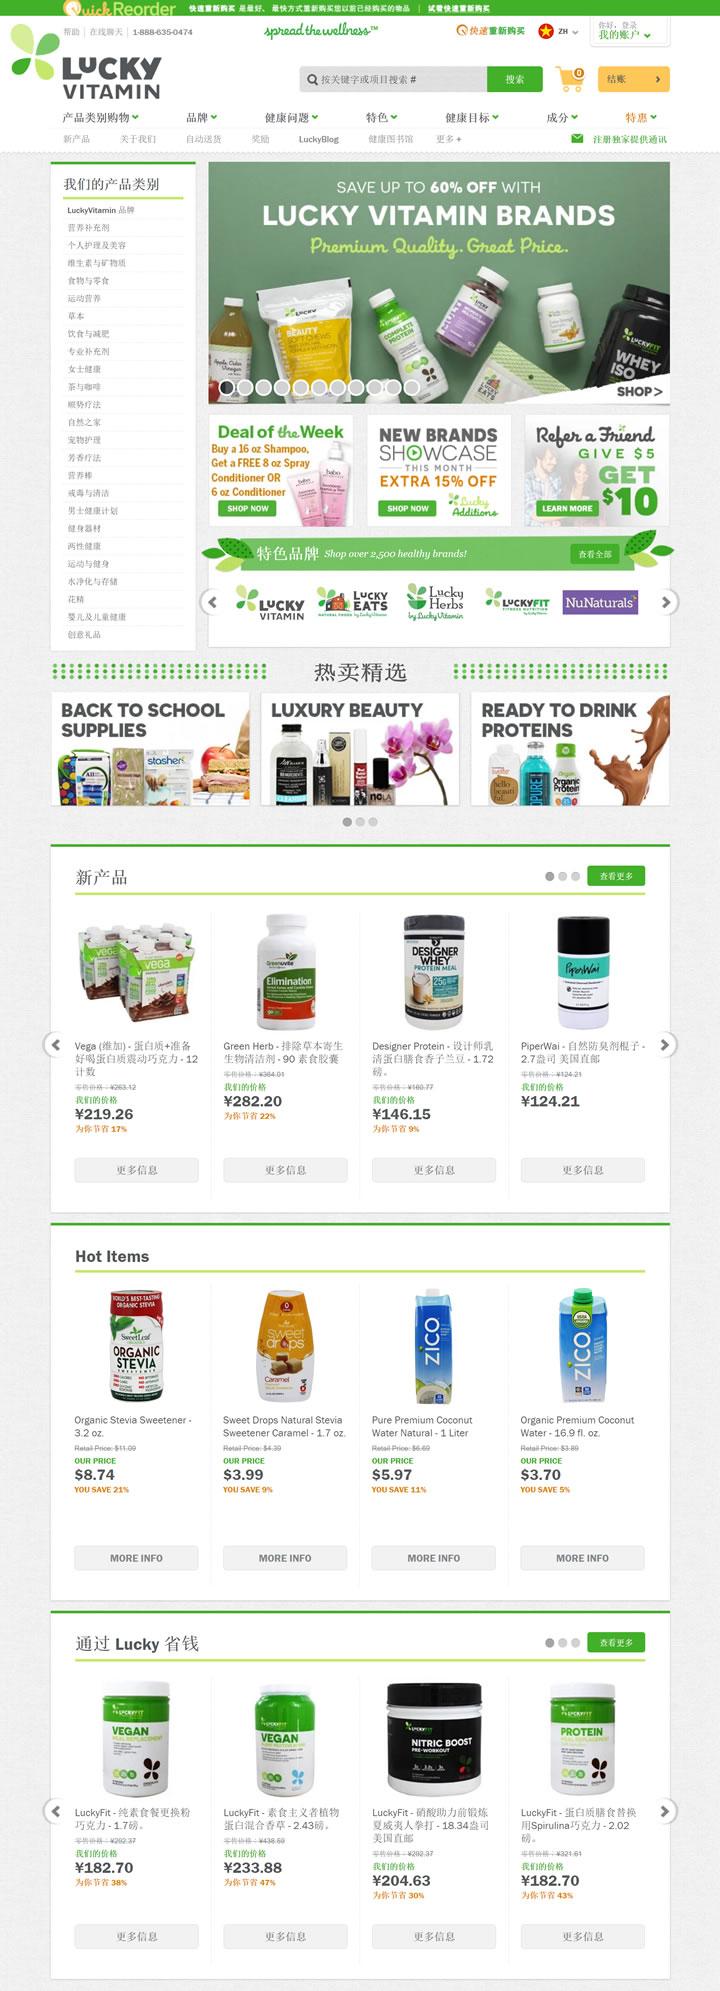 美国知名保健品网站:LuckyVitamin(支持中文)